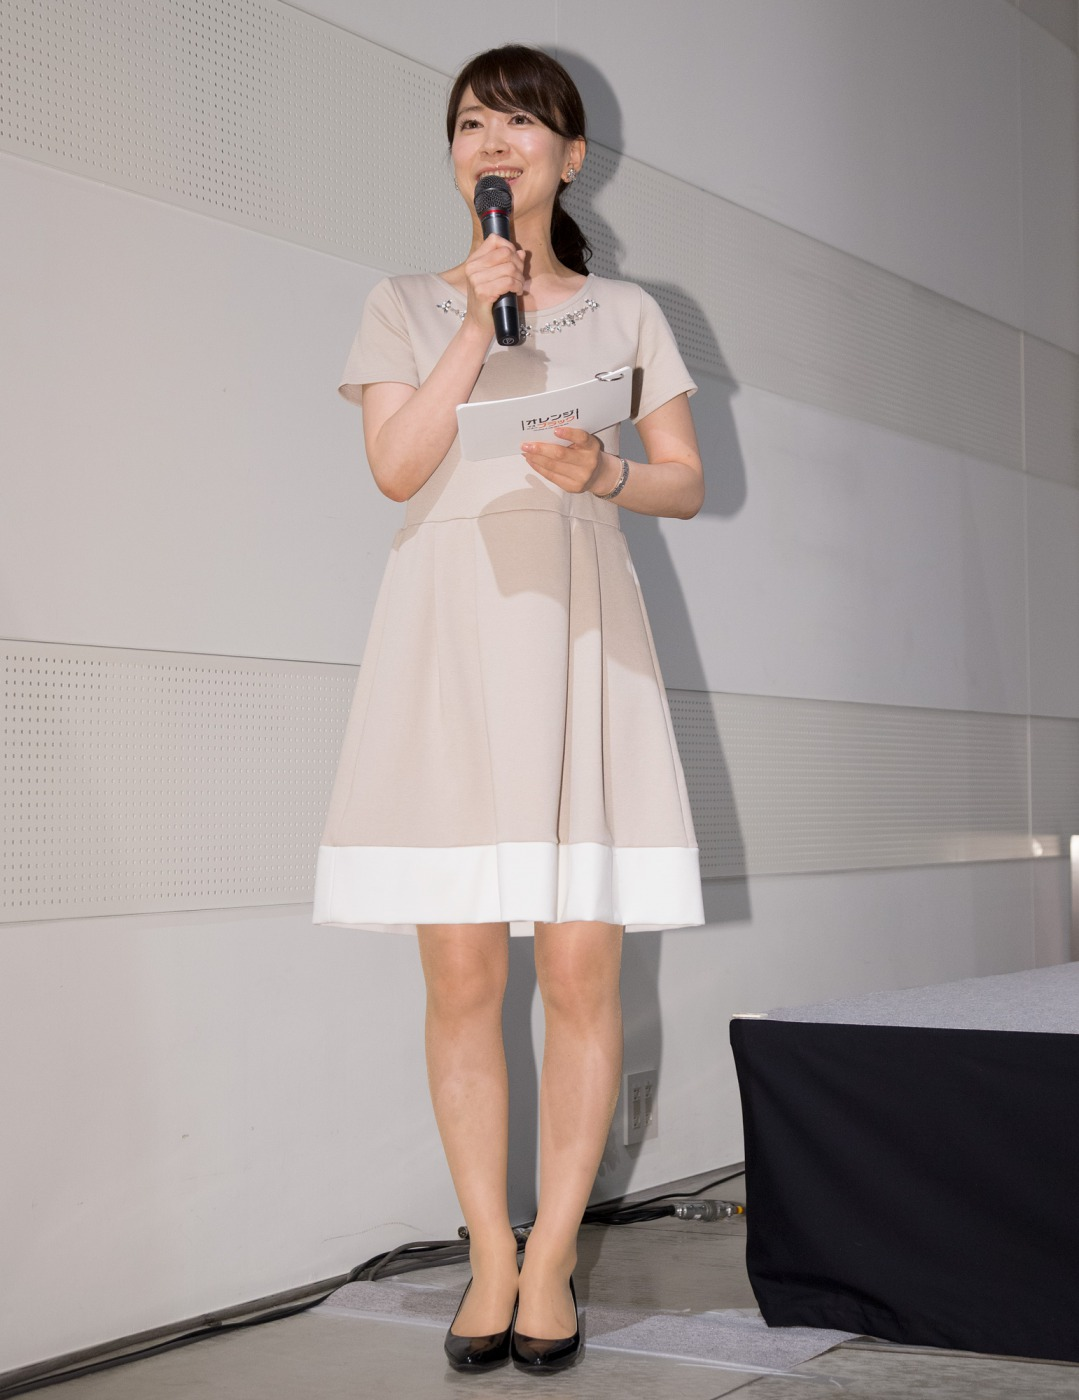 山田幸美の画像 p1_20